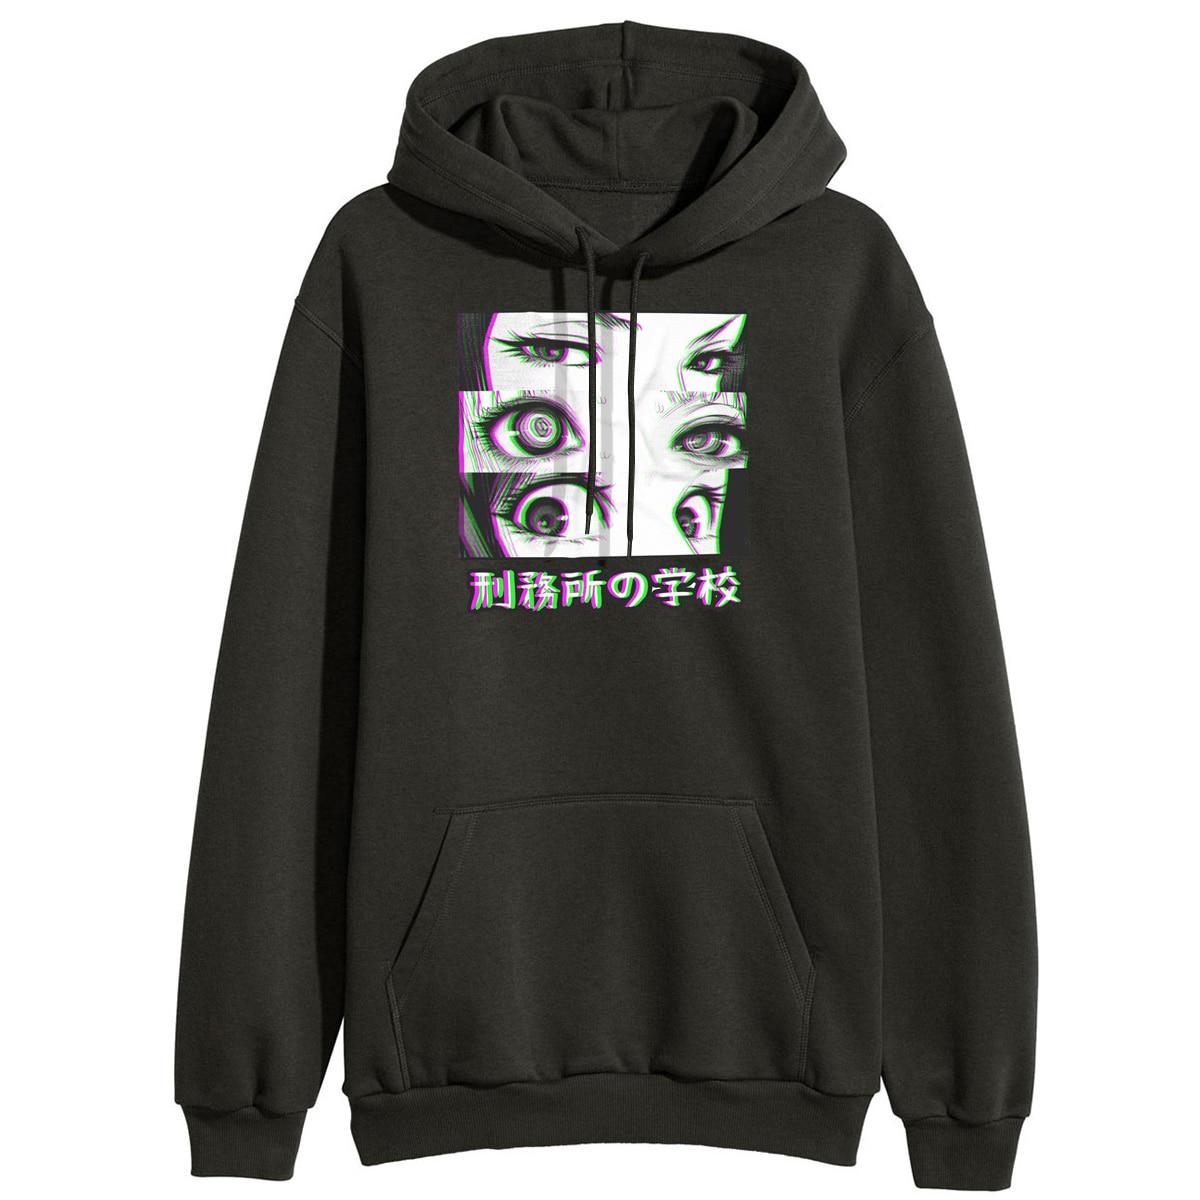 Prison School Eyes Sad Japanese Anime Aesthetic Sweatshirt Women Funny Hooded Pullover Casual Tops Winter Fleece Streetwear